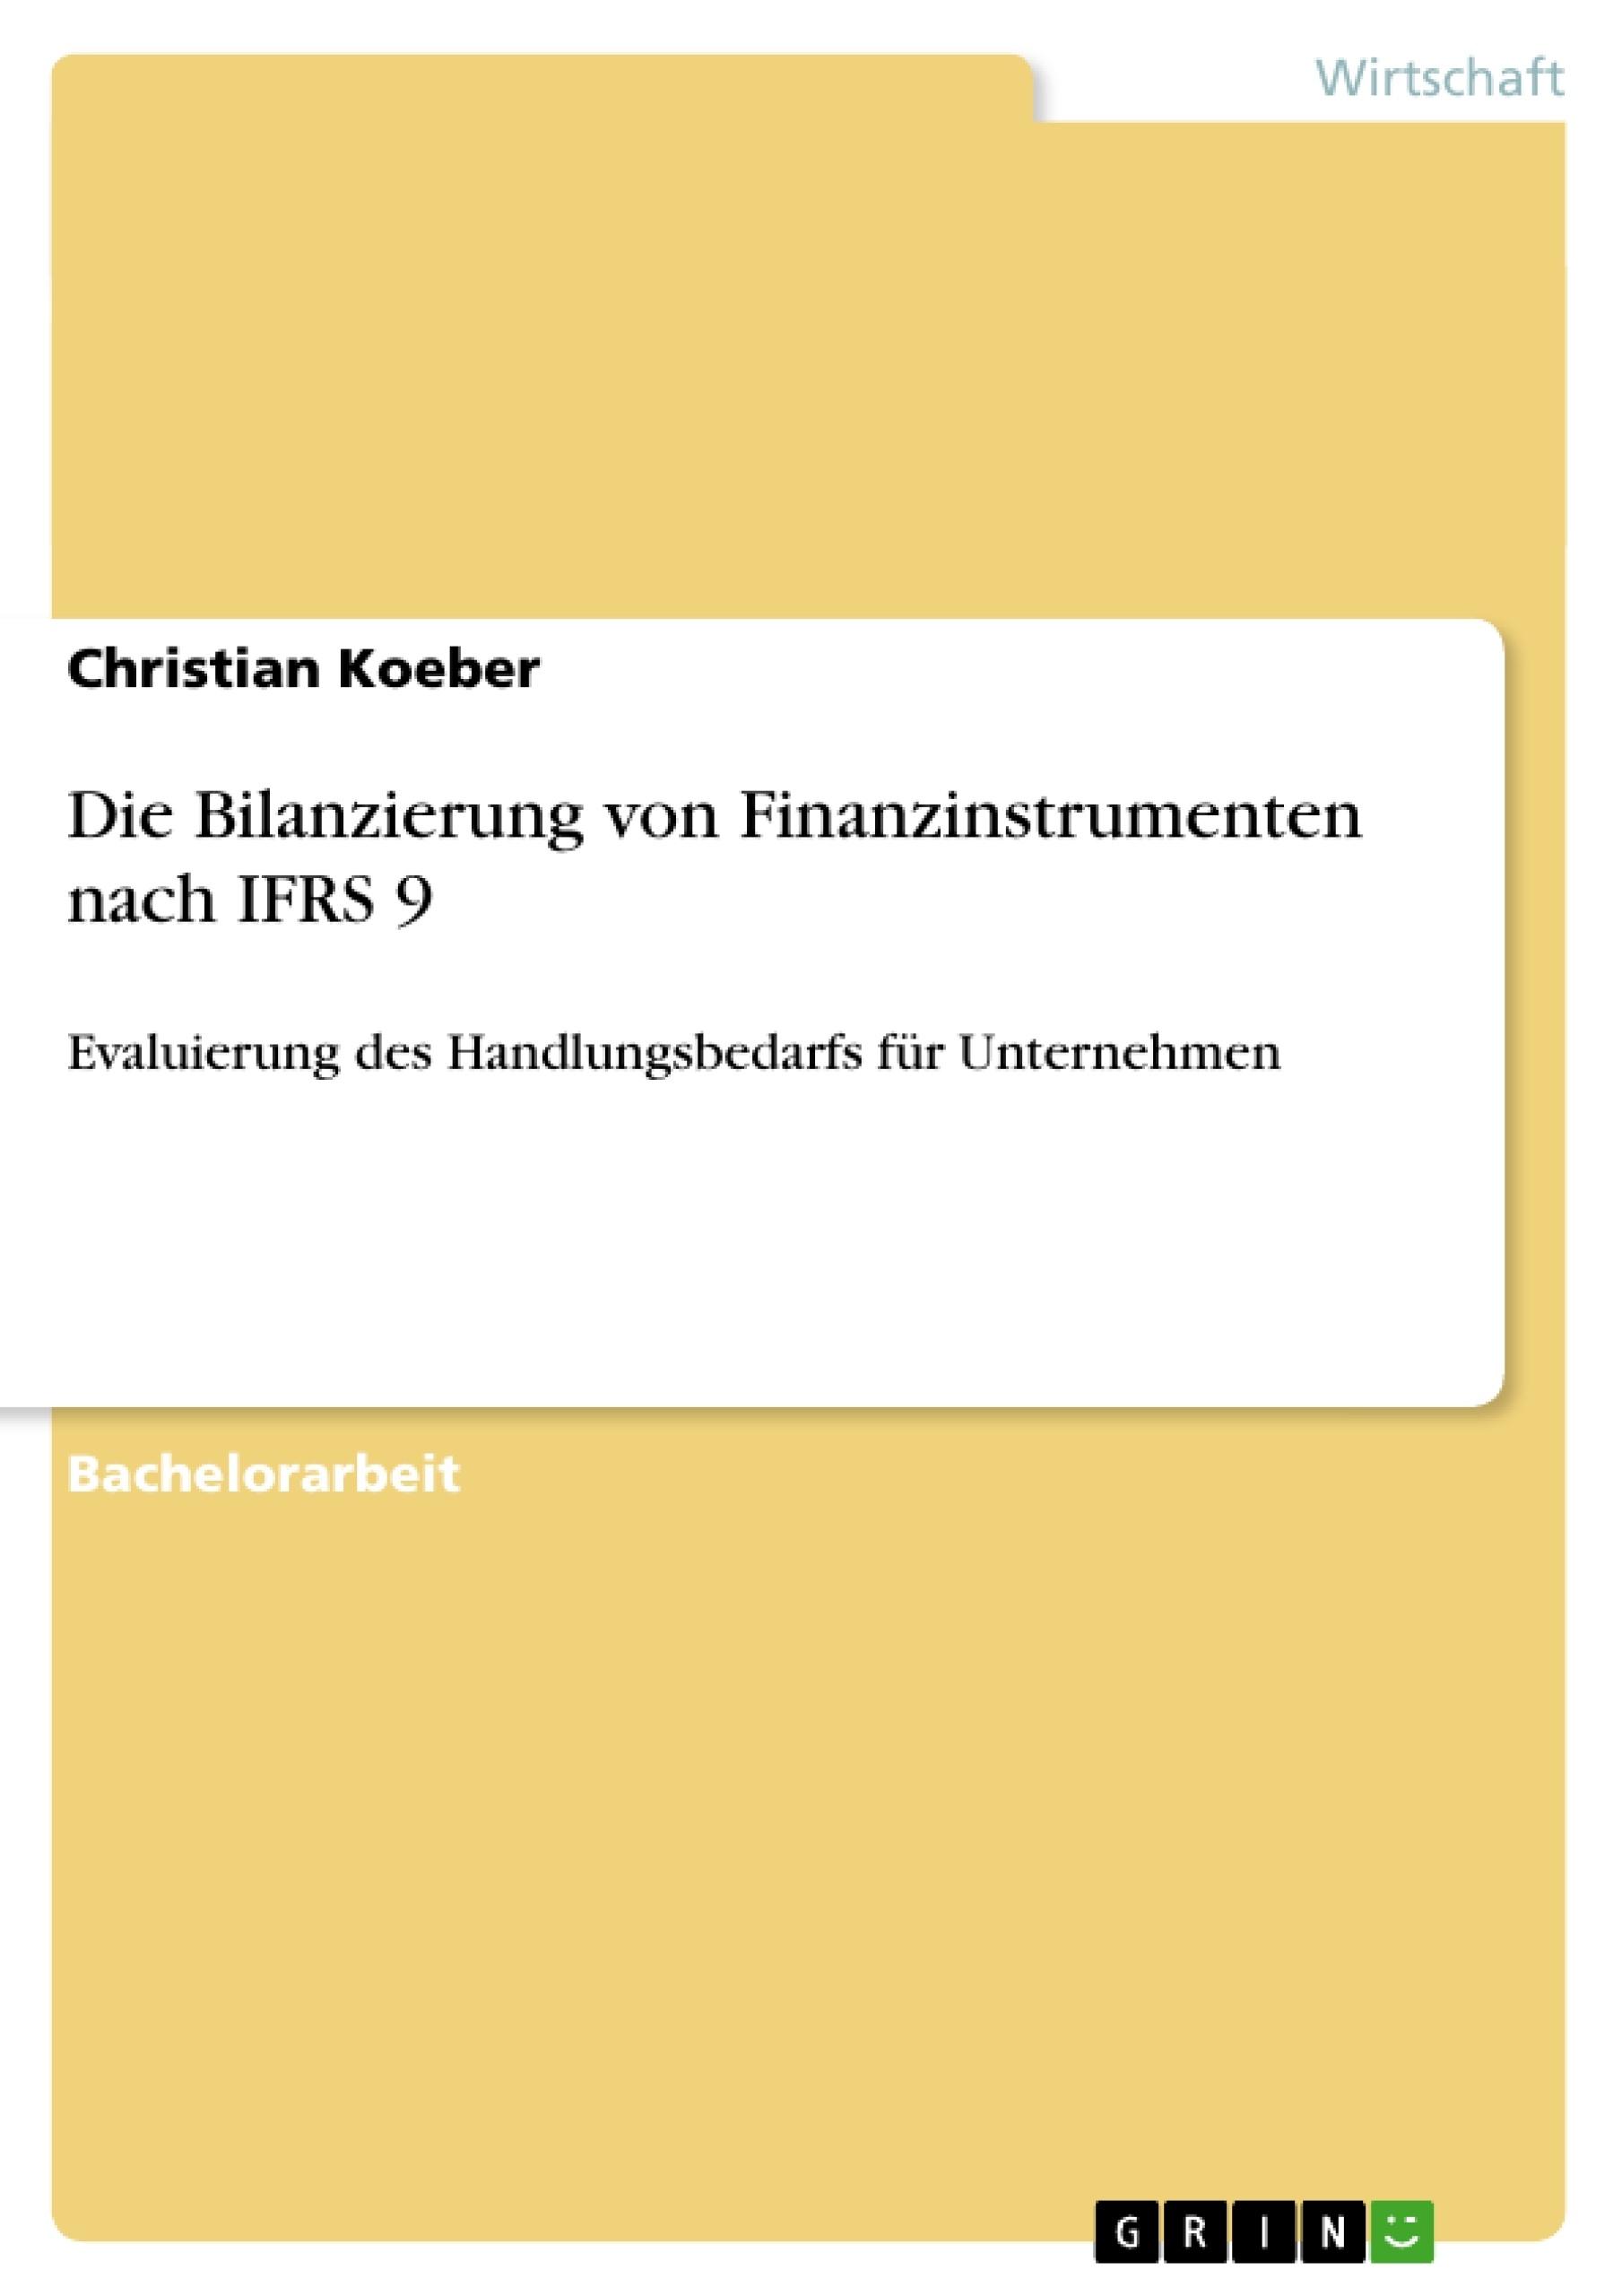 Titel: Die Bilanzierung von Finanzinstrumenten nach IFRS 9